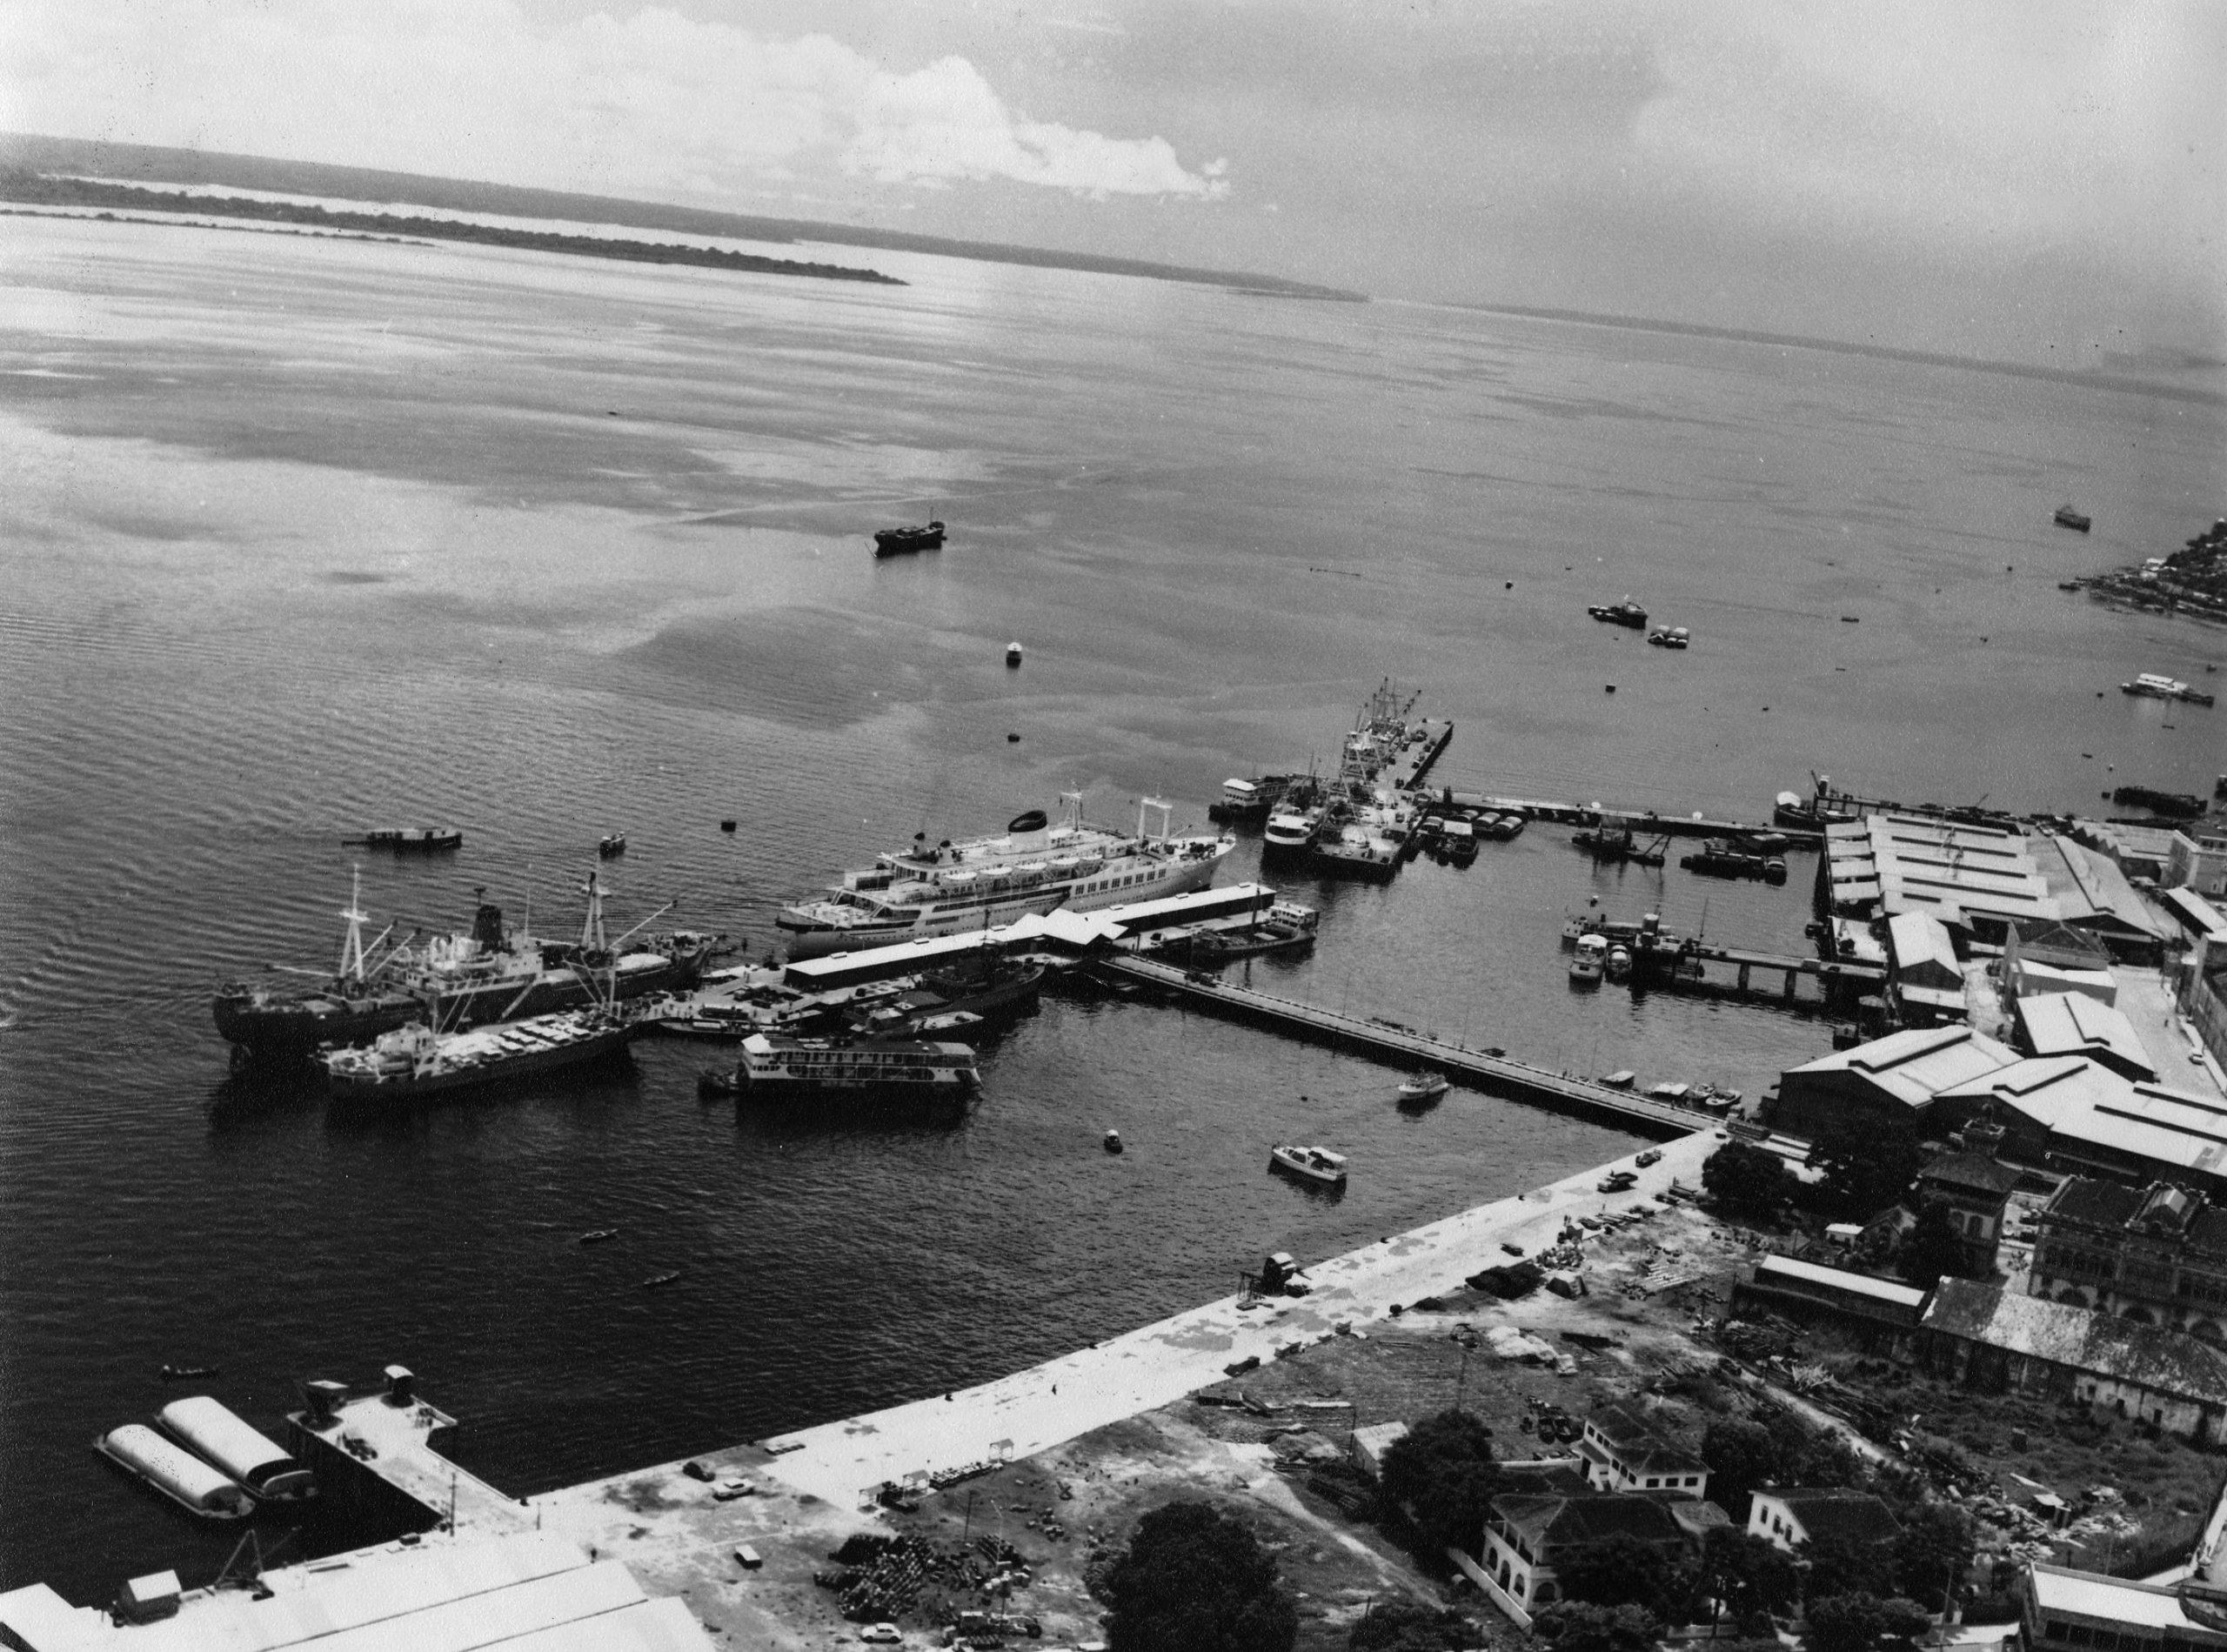 Vista aérea do Porto de Manaus, maior porto flutuante do mundo - IDD